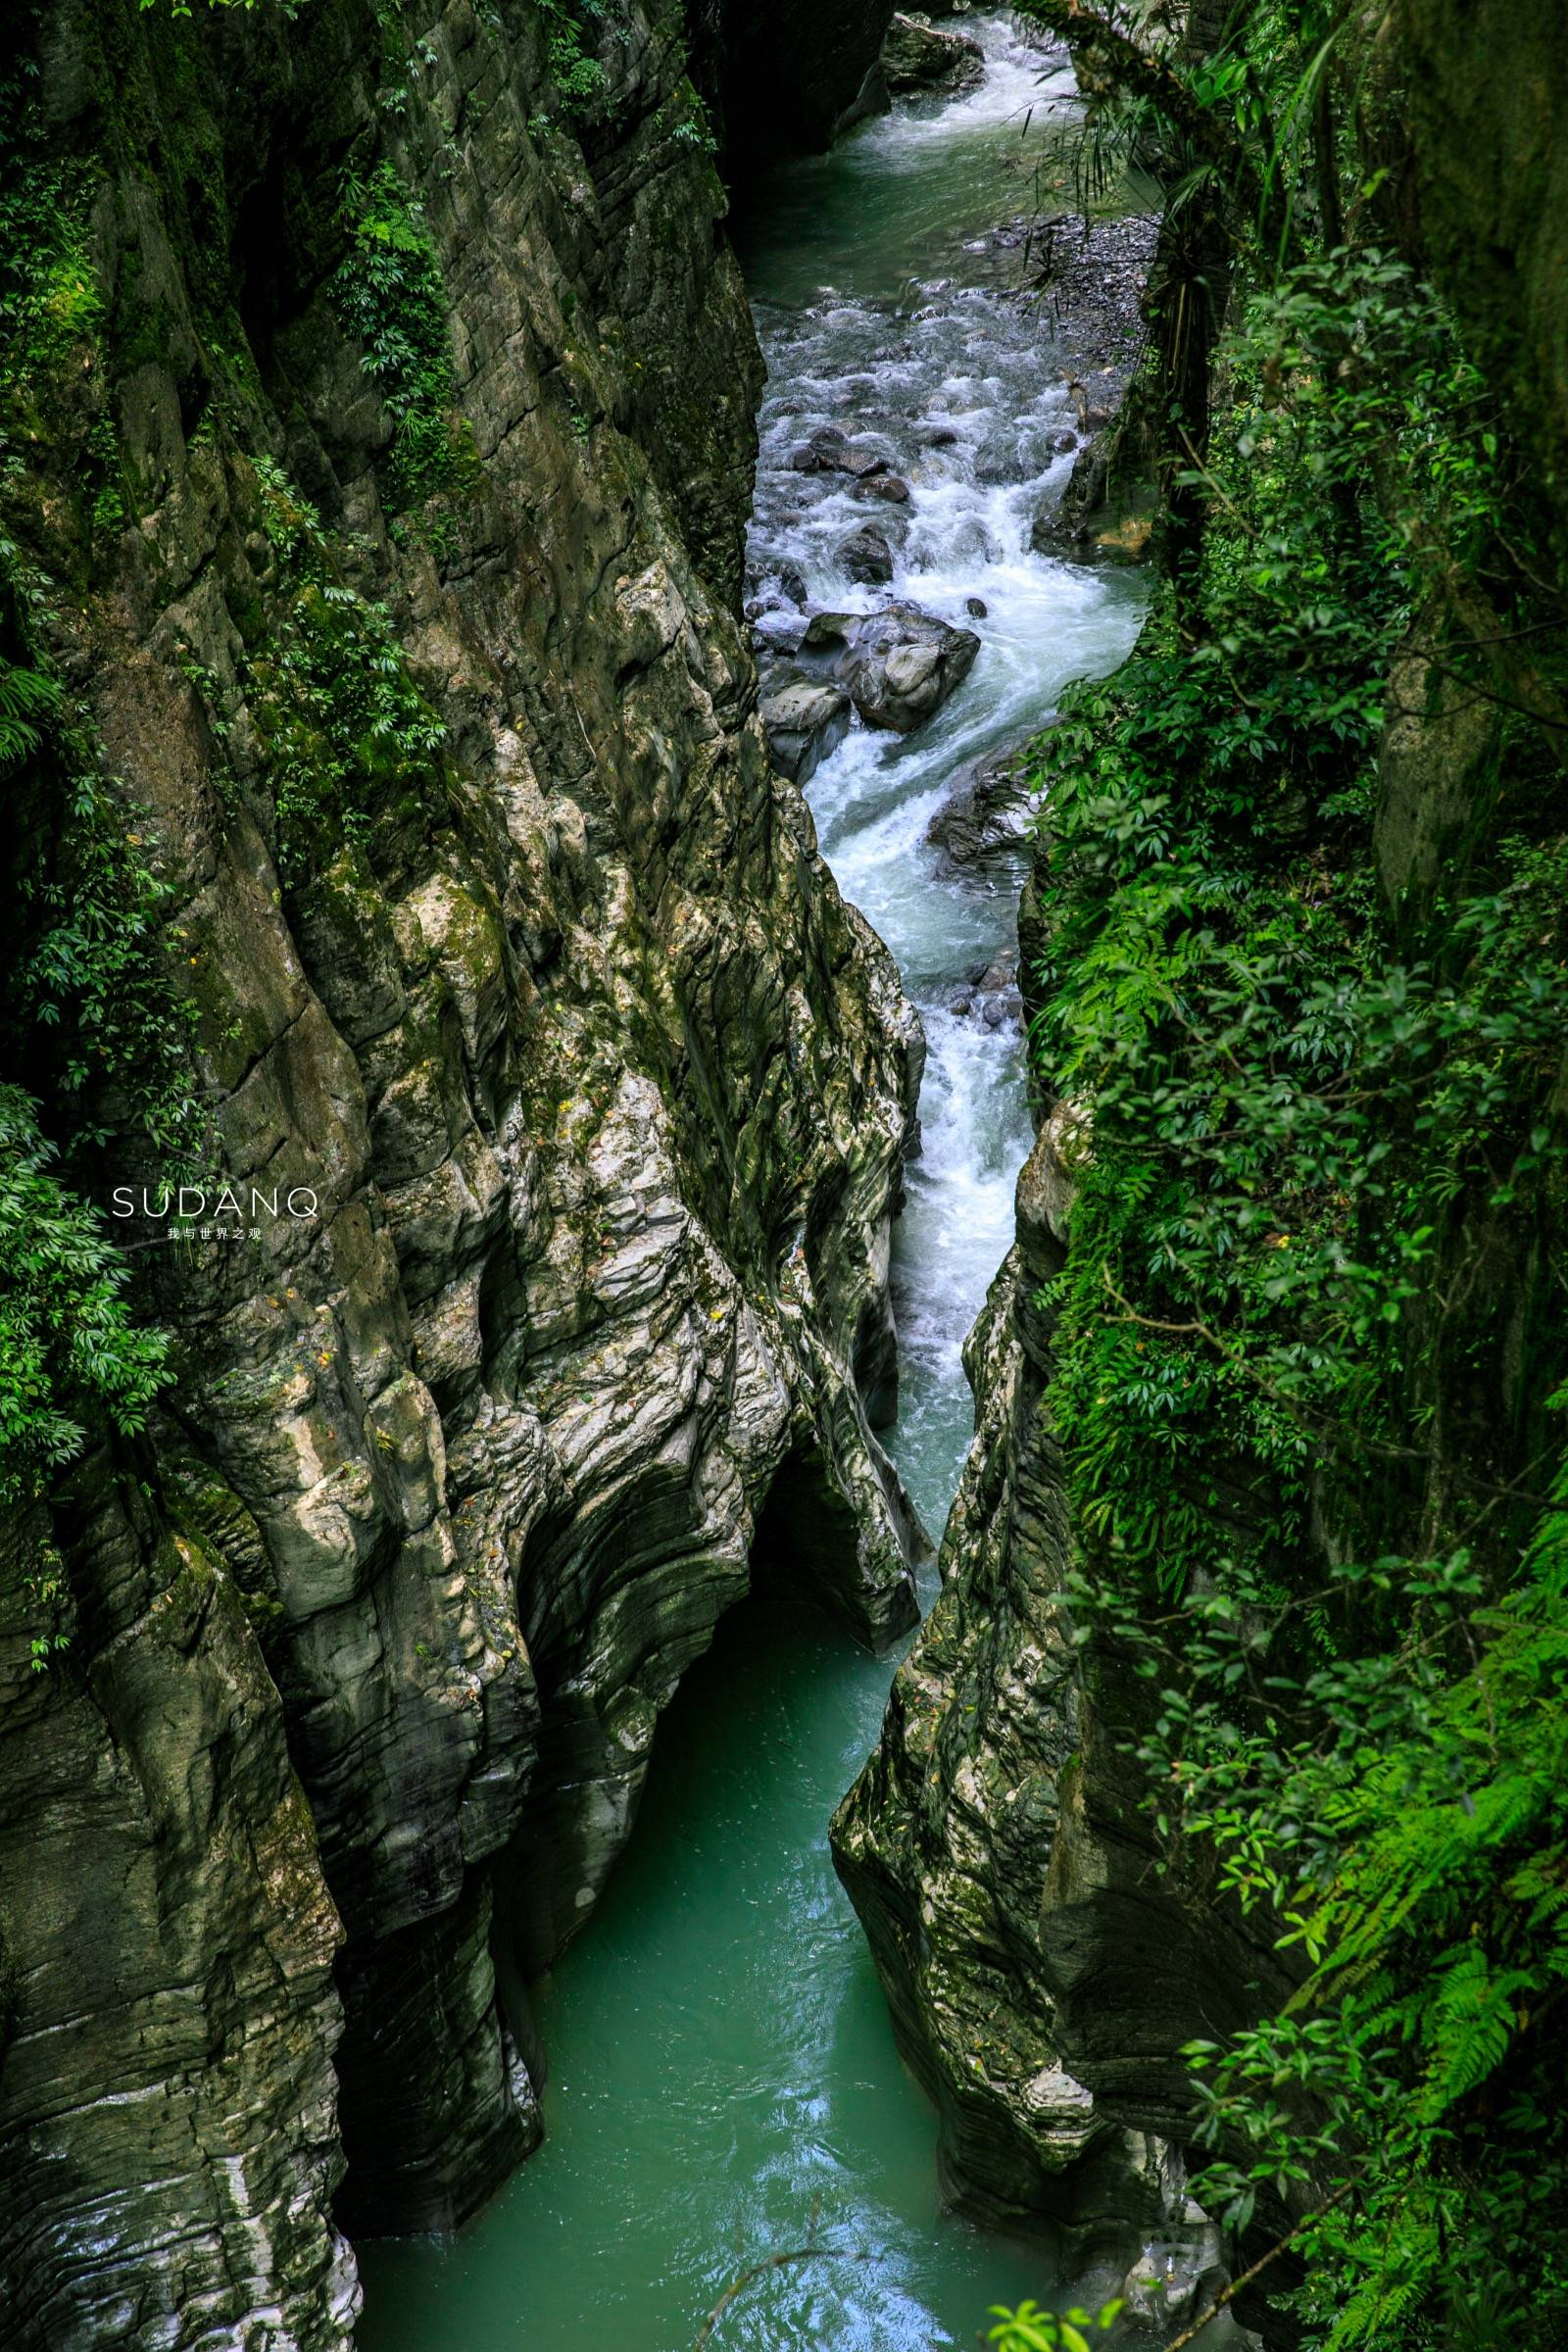 """原创             大美恩施,被评为""""中国最美的地方"""",藏有一处惊世骇俗之景观"""